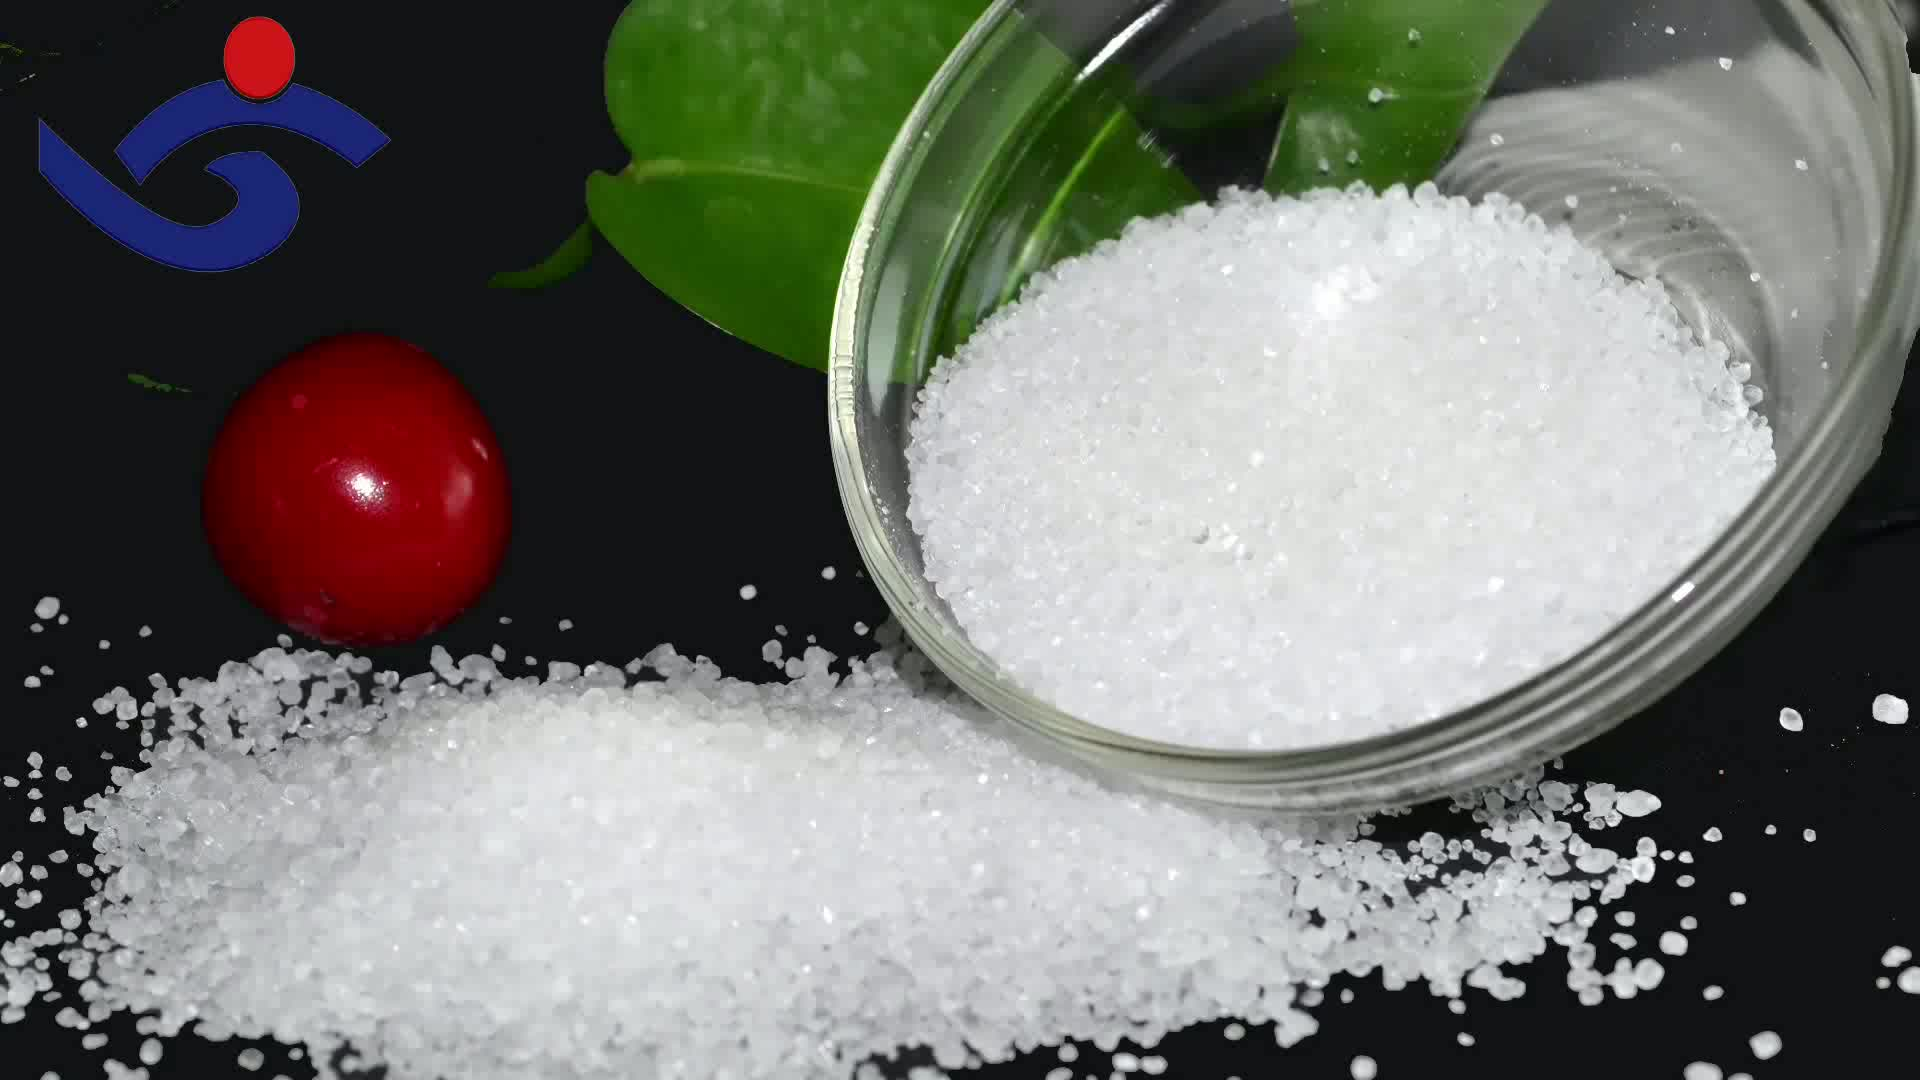 เกรดอาหาร/อุตสาหกรรมเกรด citric acid monohydrate ราคา